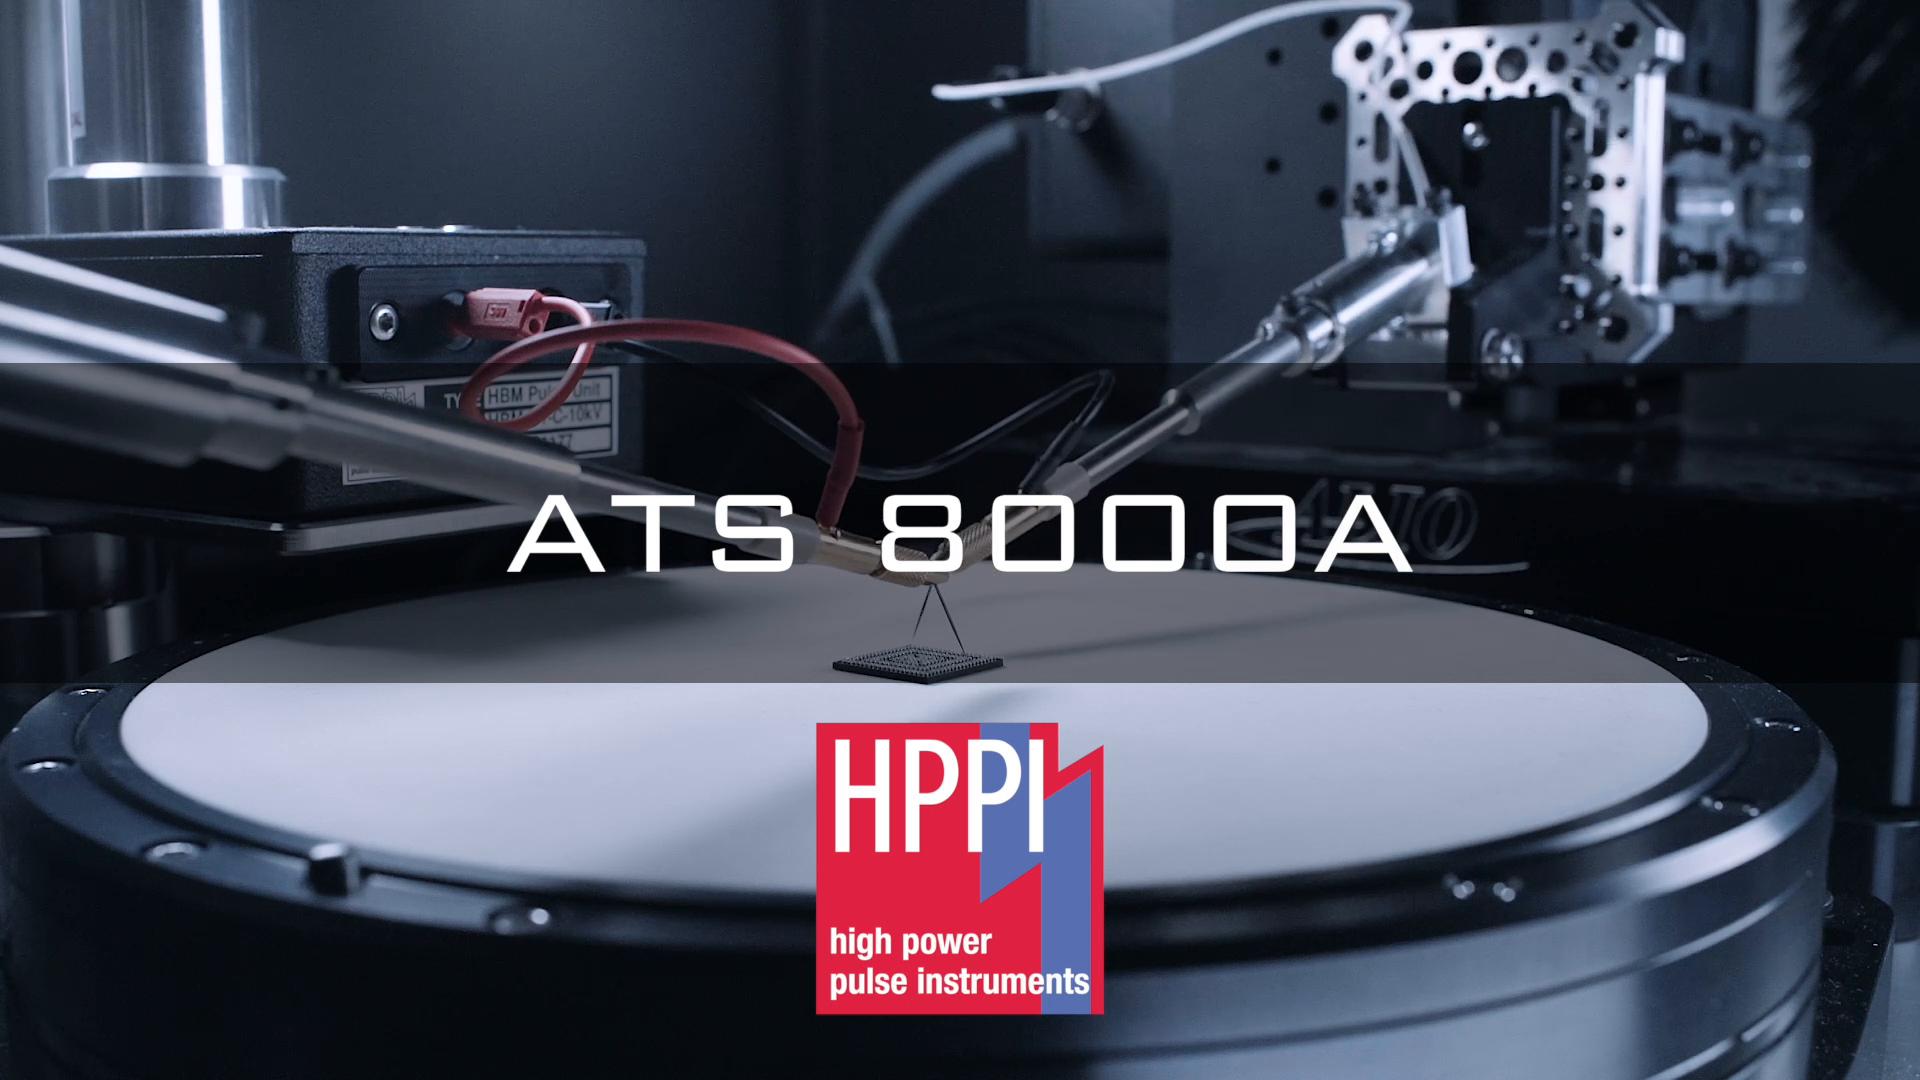 ATS-8000A